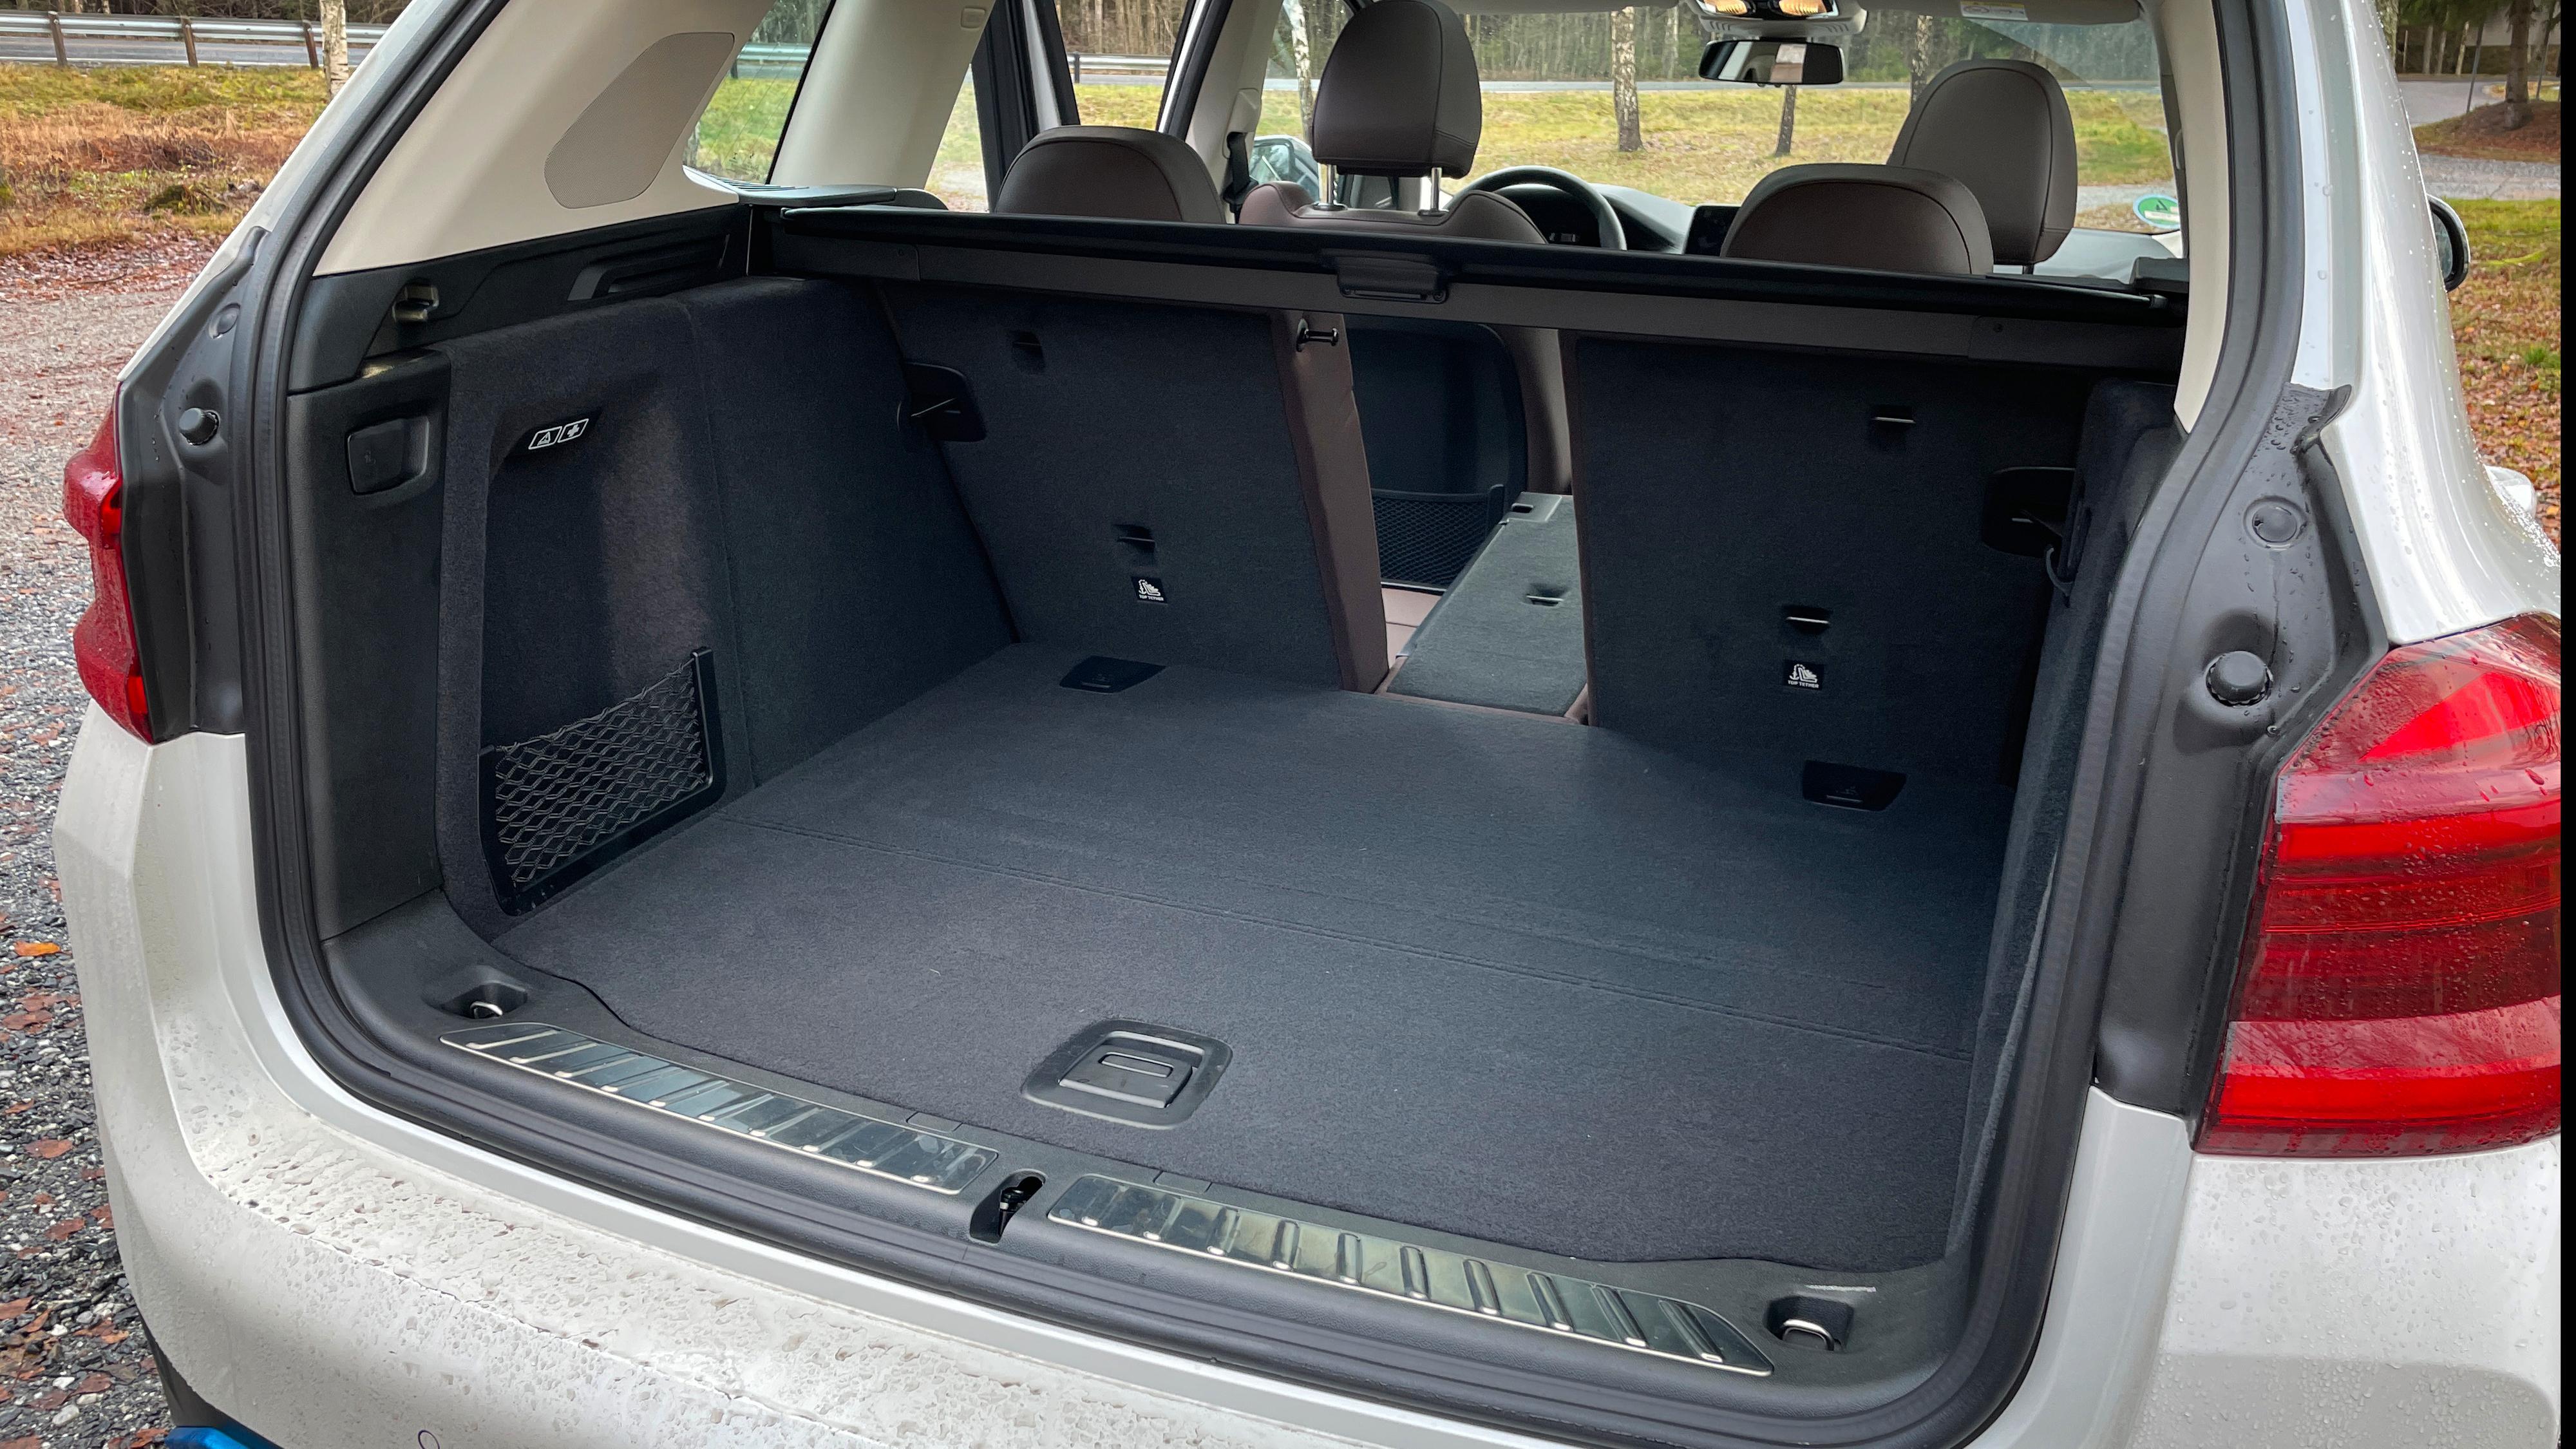 BMW oppgir 510 liter bagasjerom i iX3, mot 550 liter for X3. Baksetene kan legges ned i 40–20–40-splitt, og du får et lite rom under gulvet til for eksempel ladekabler.